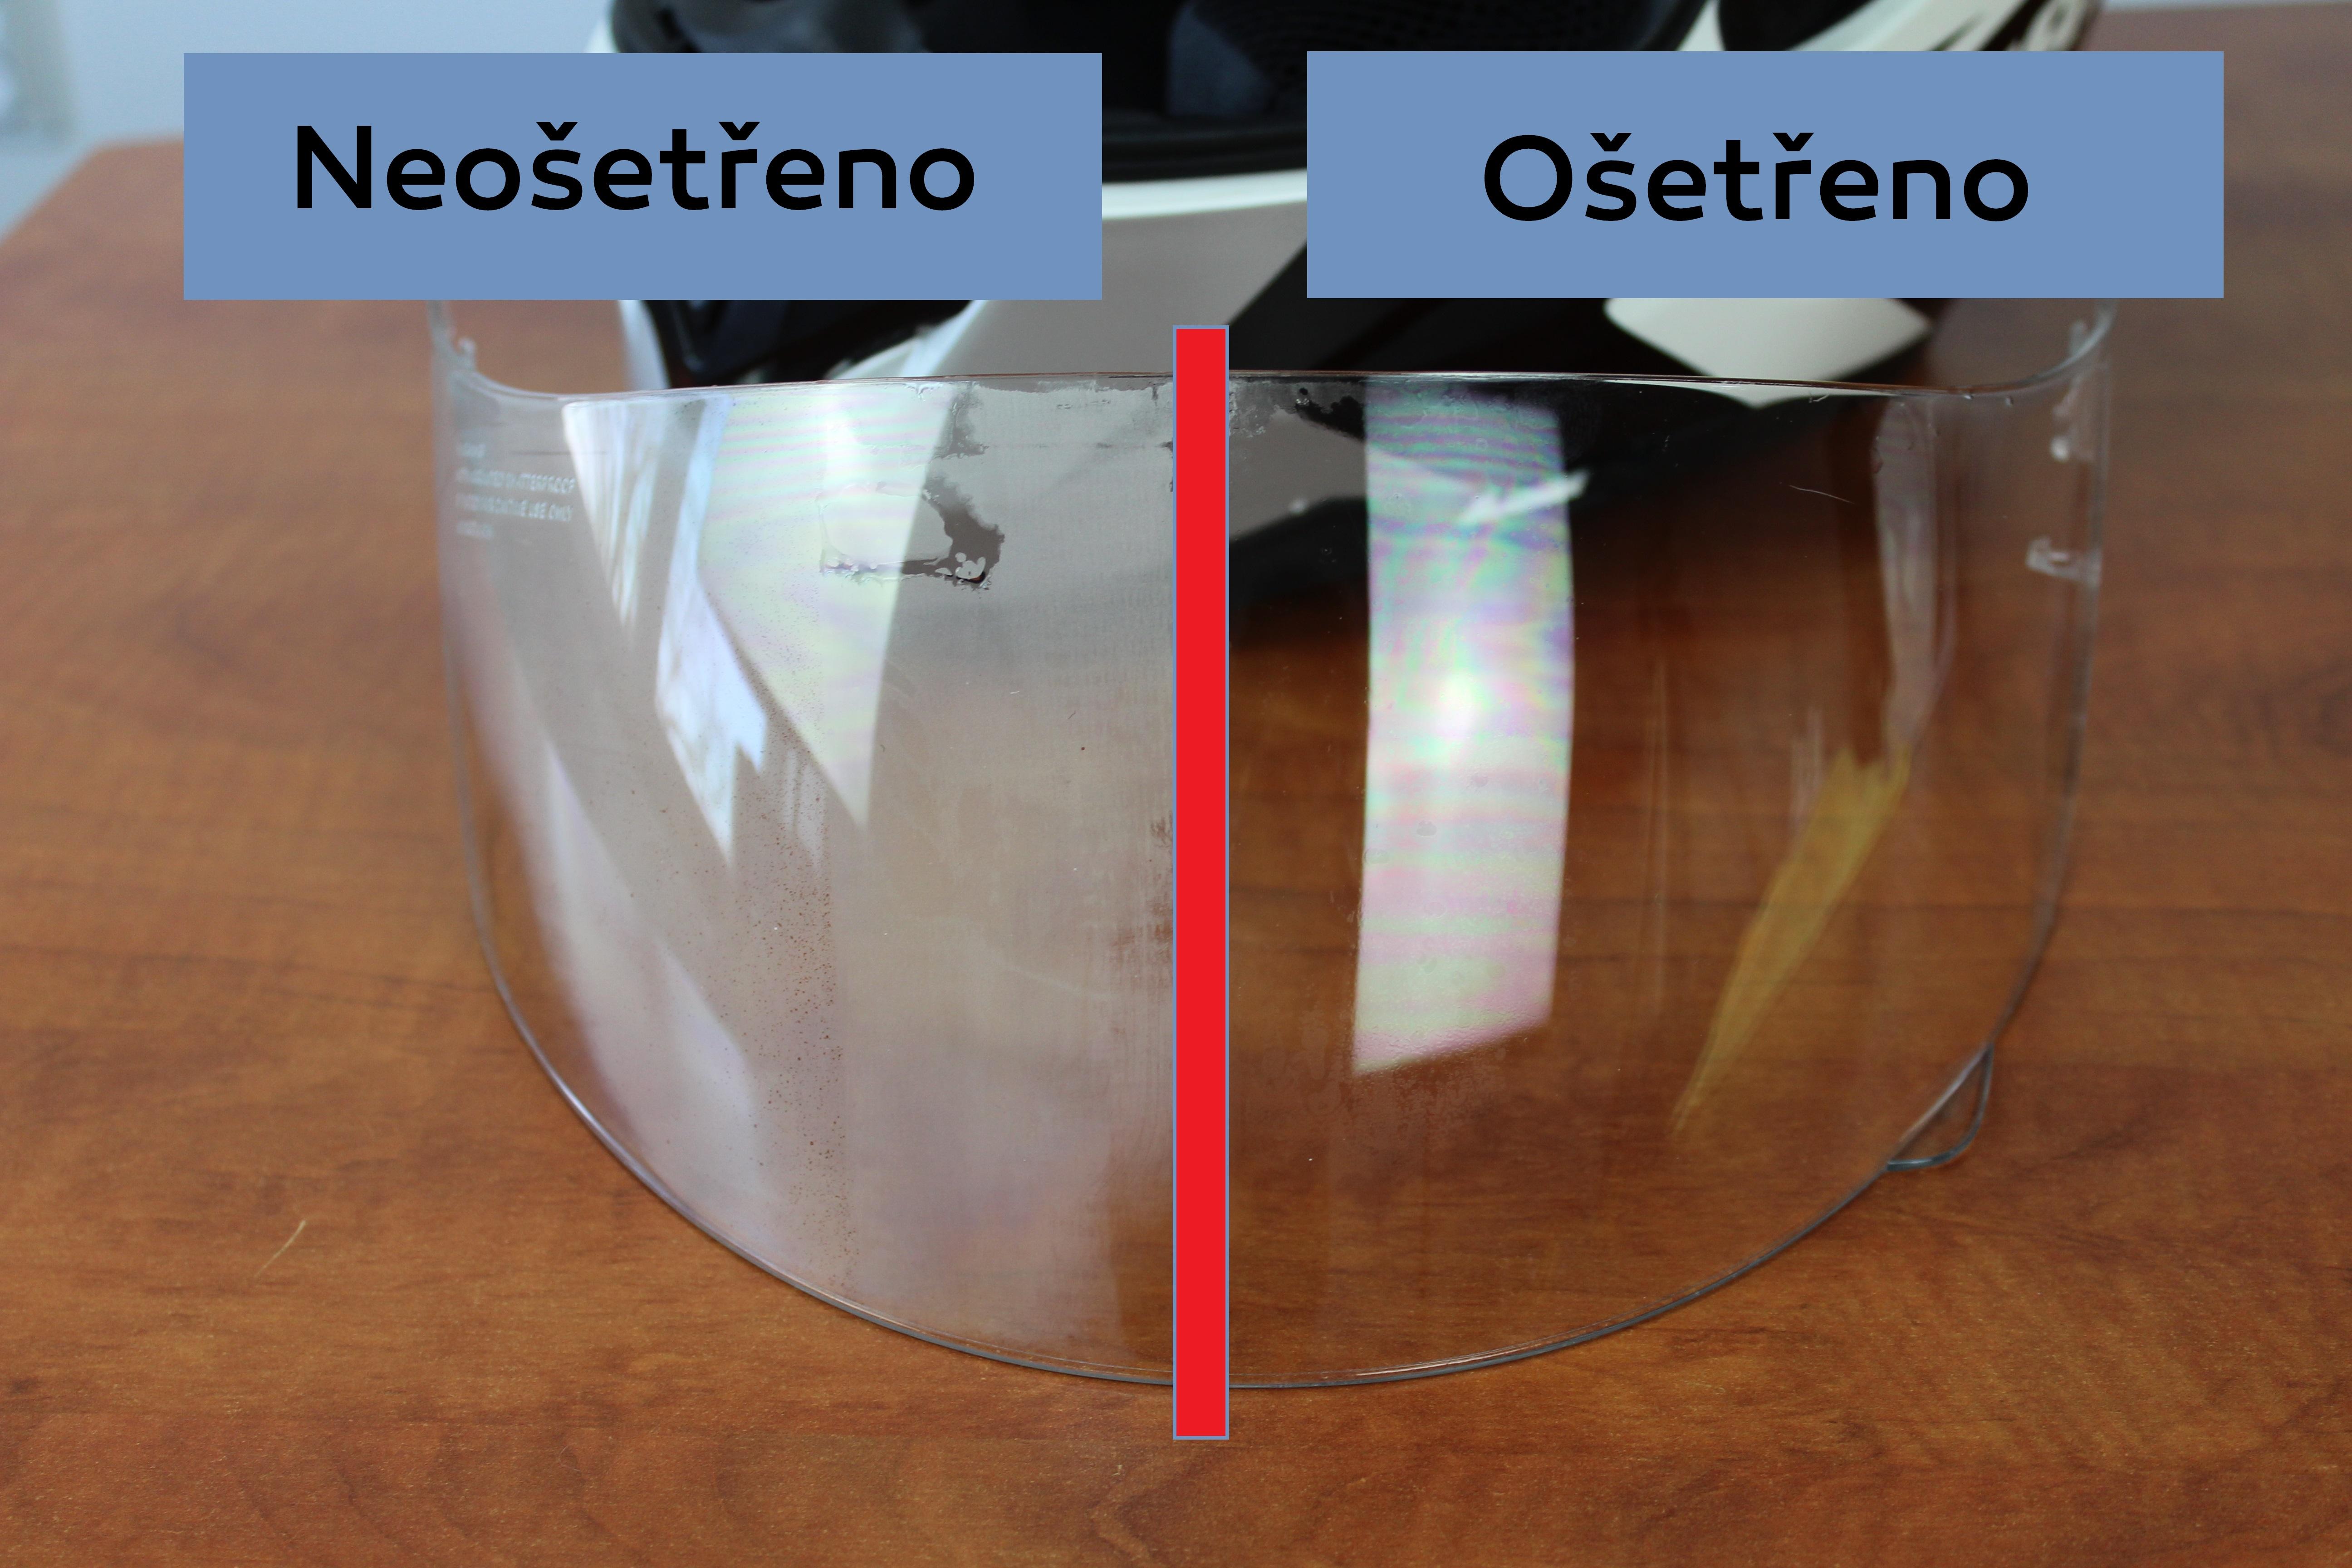 Testujeme naše nano produkty 2. díl Ochrana proti zamlžování plastů